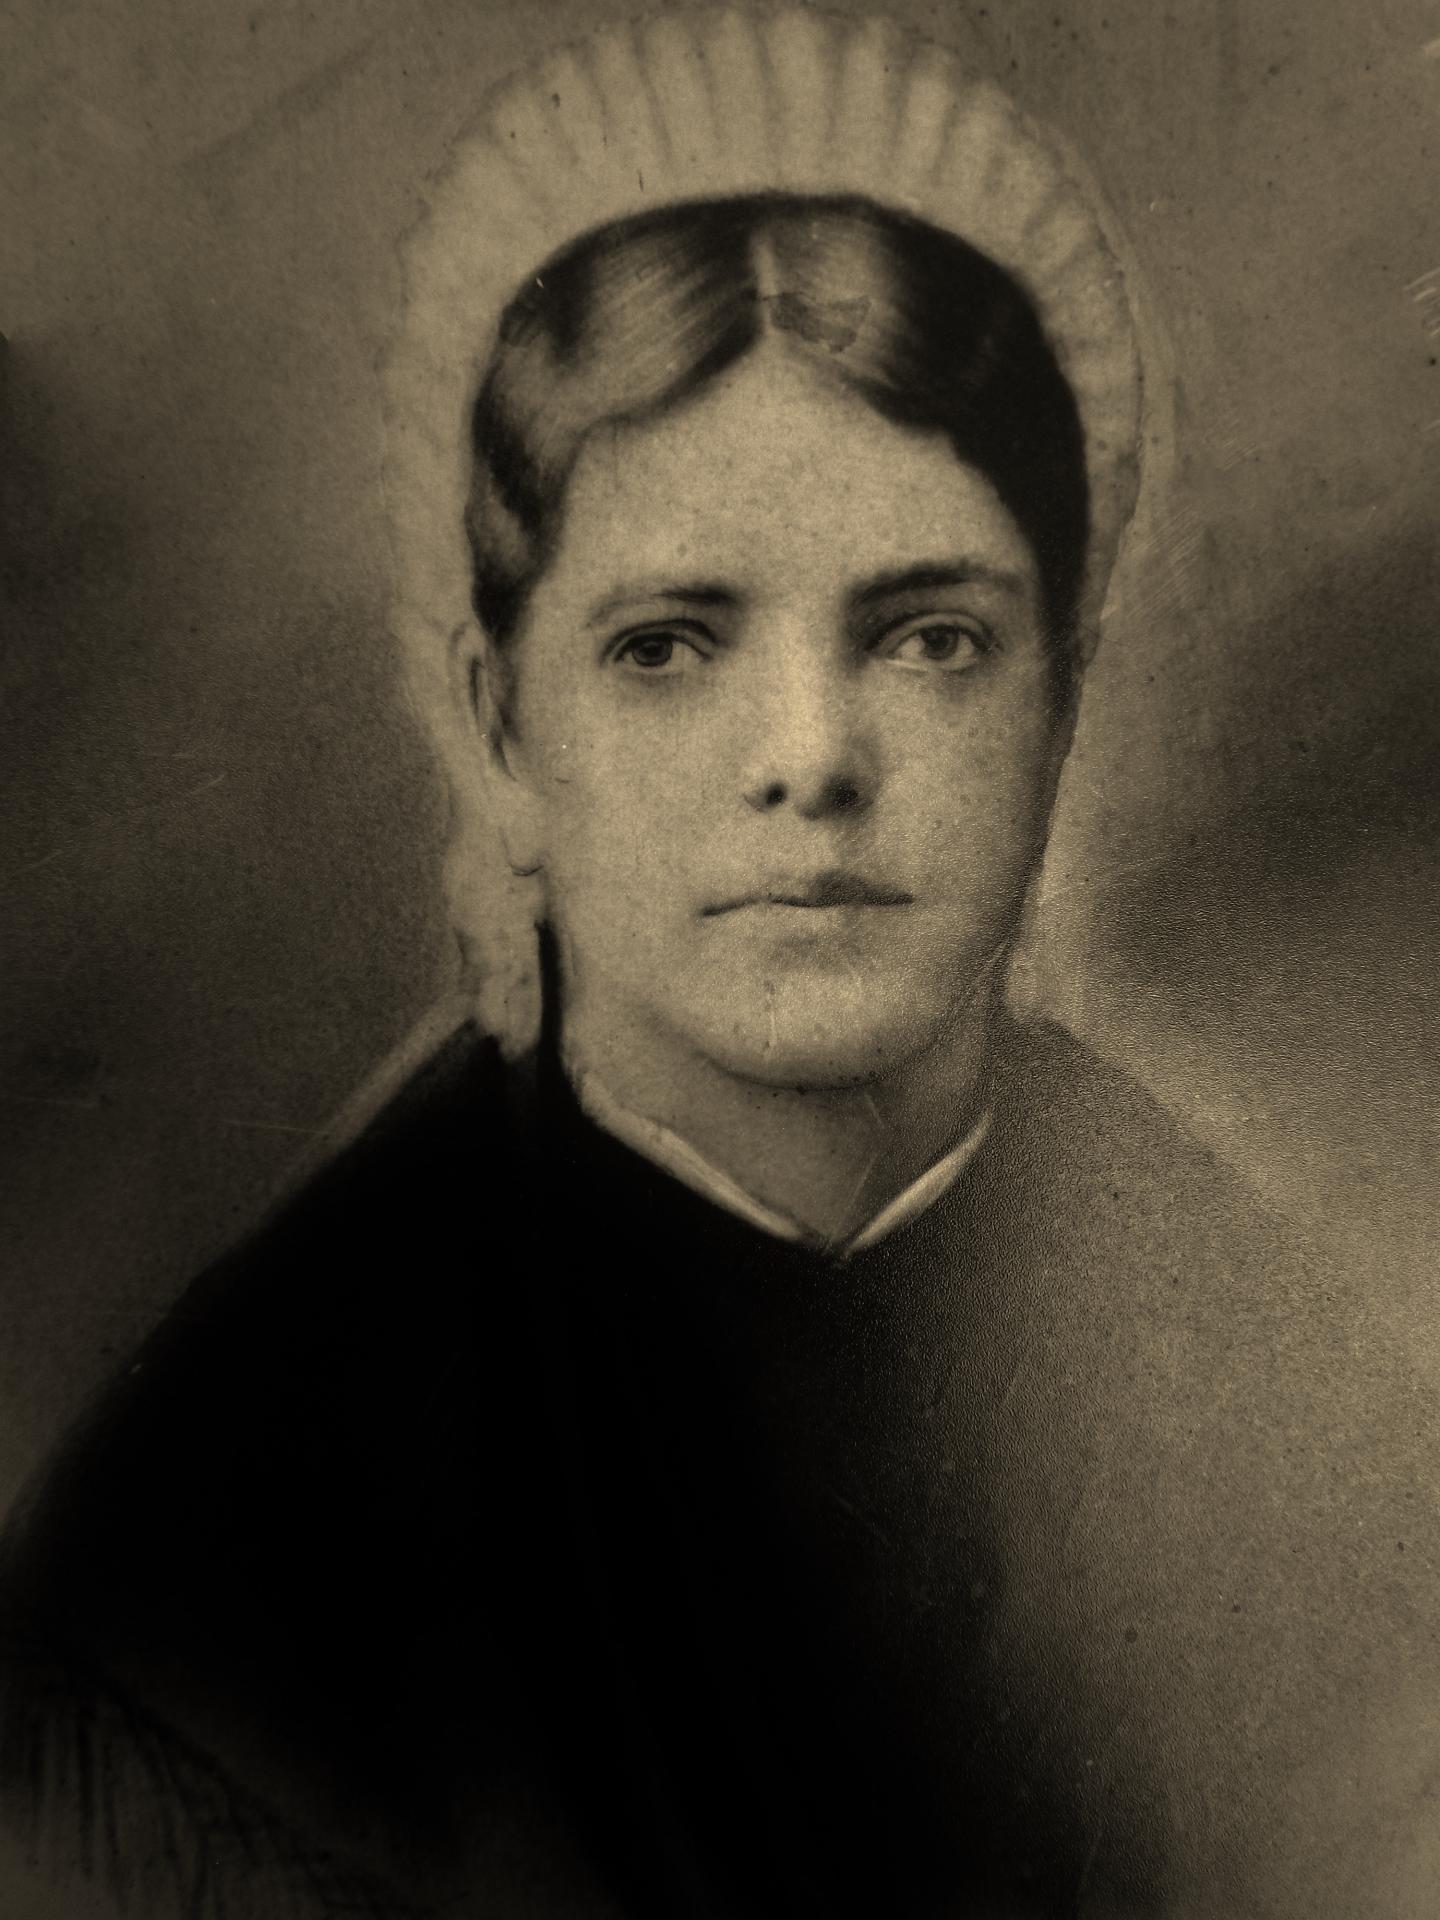 Marie lefebvre nee en 1867 epouse roussel